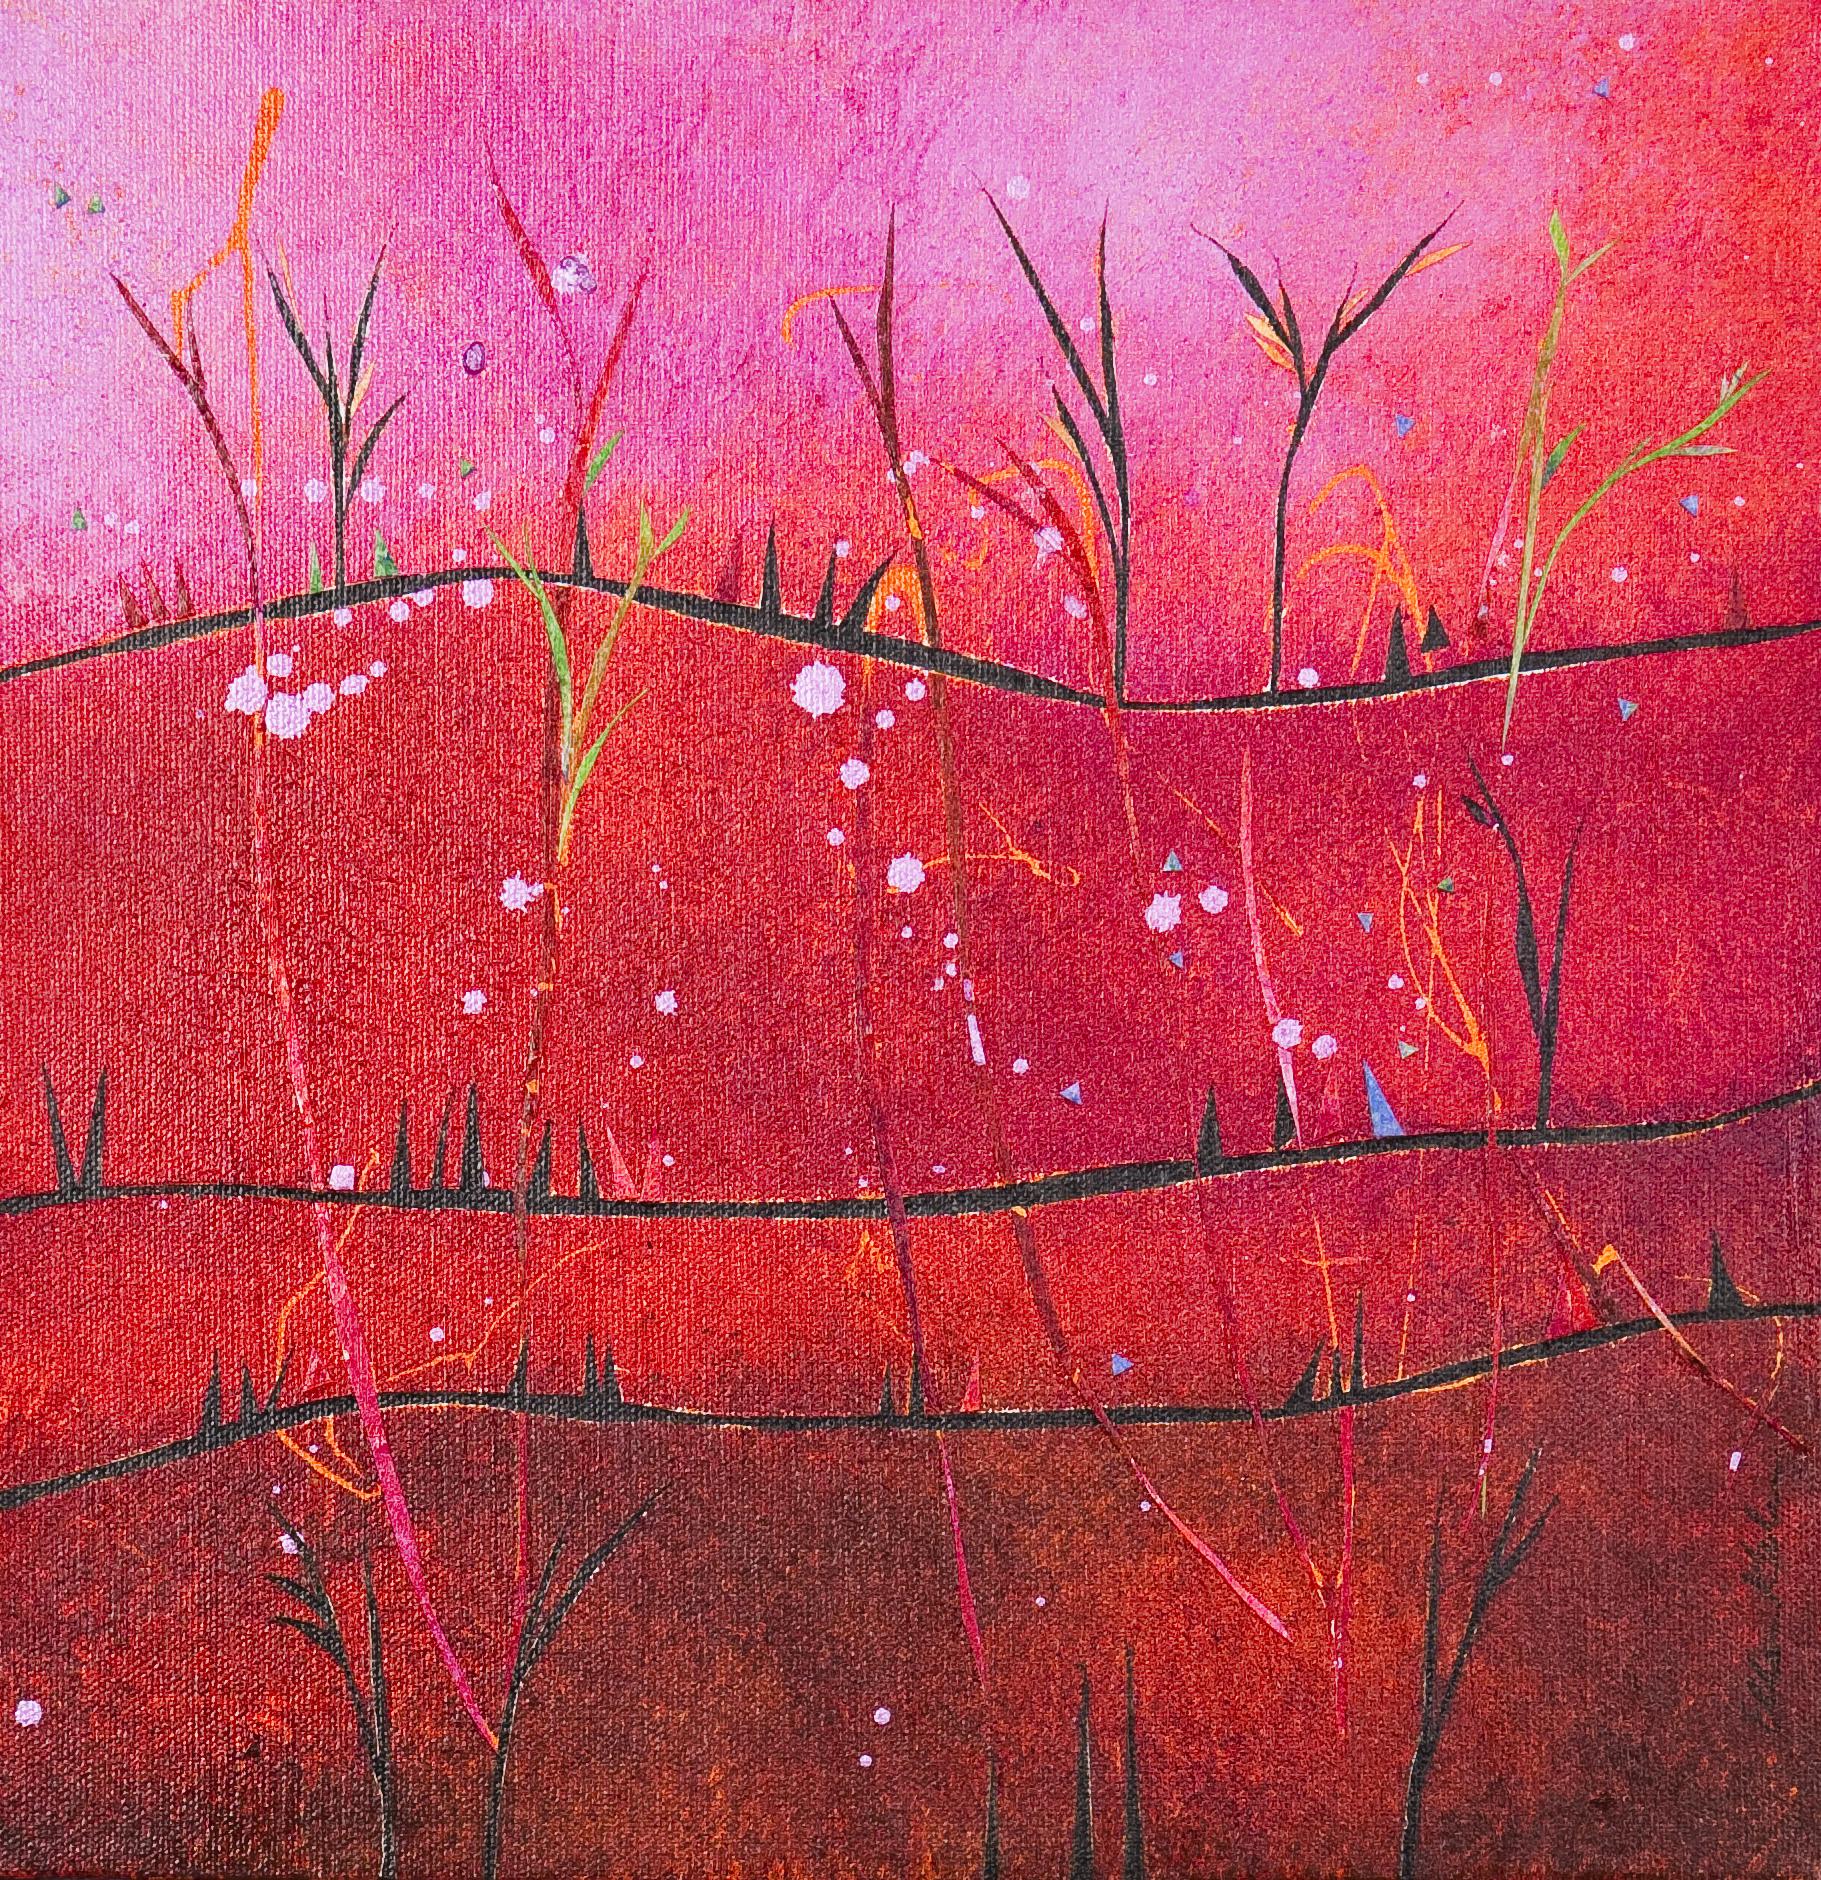 Pink Hills, Green Shoots 12x12, $300